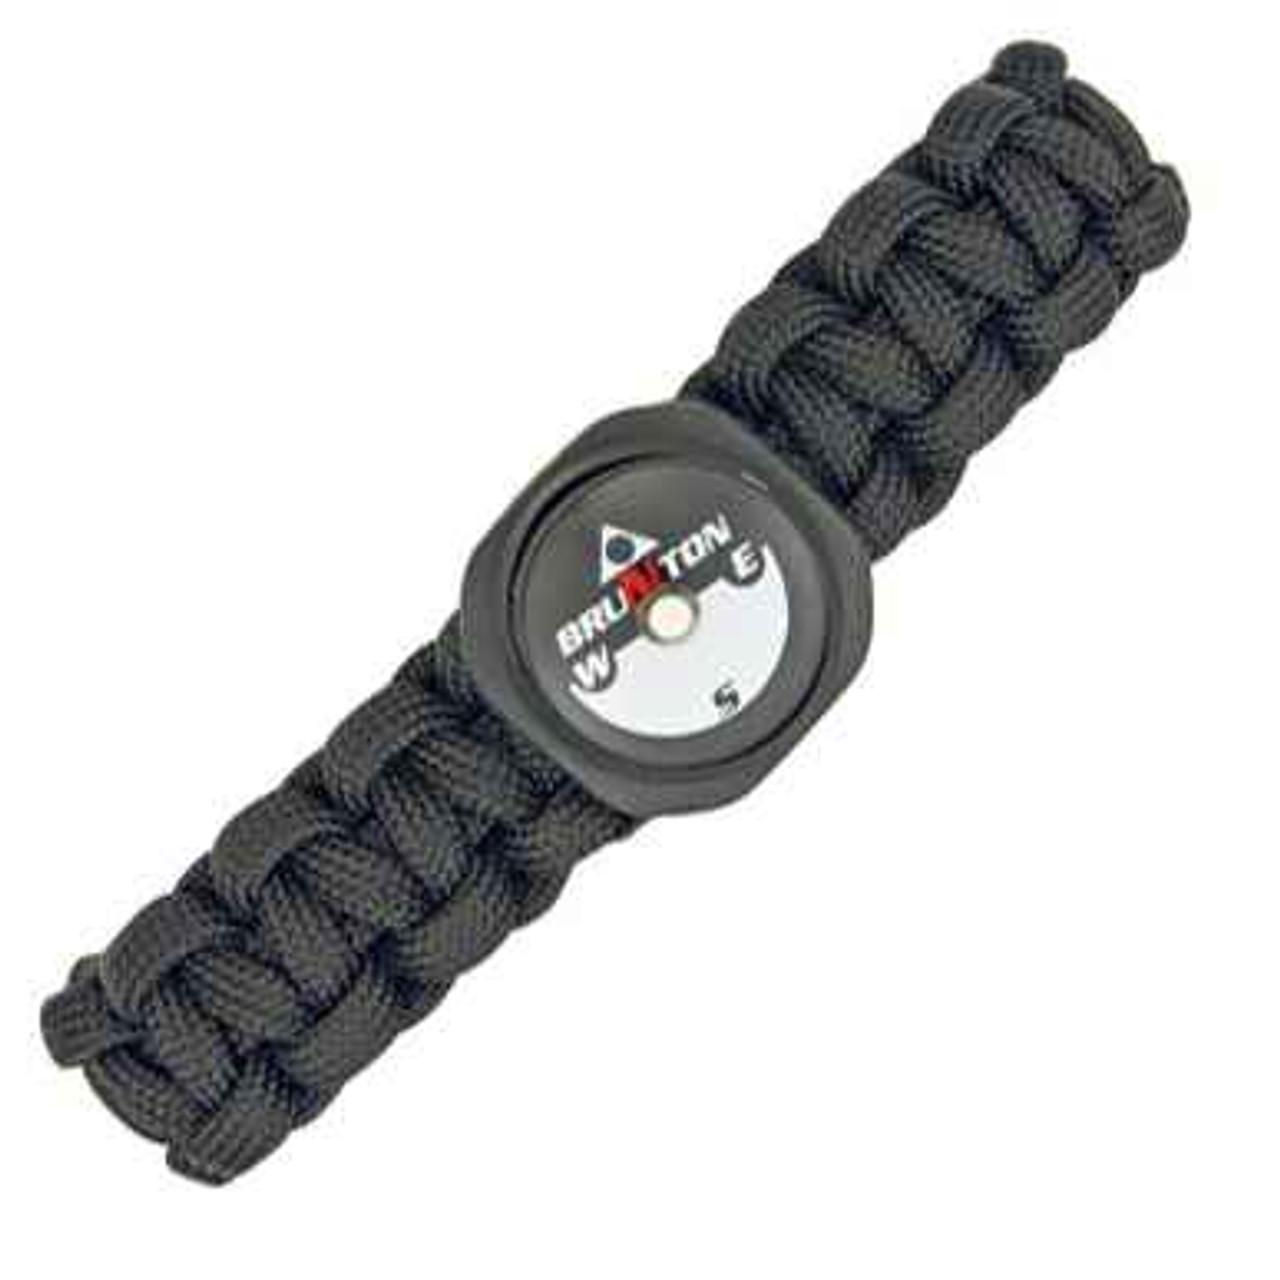 Para Cord Survival Bracelet with Compass. Black Size Large